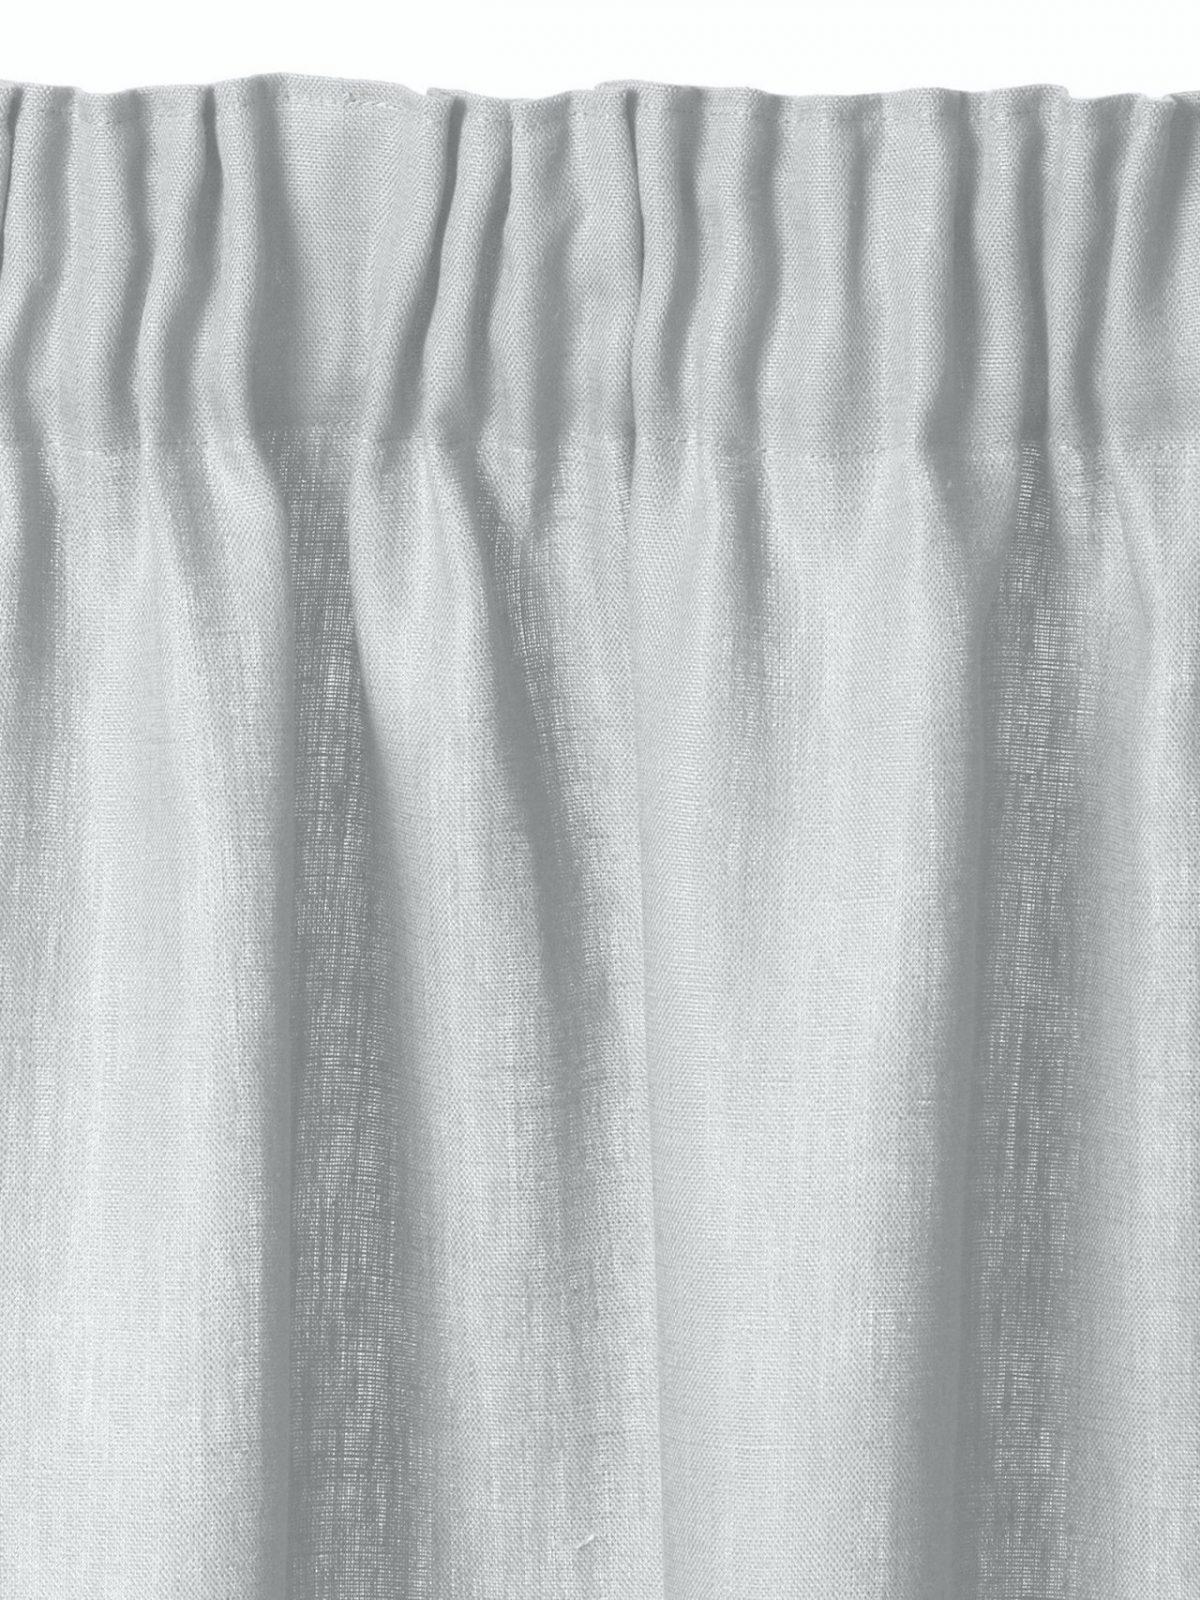 Gardinen Anbringen Vorhang E Zubeha Haken Vorhange Mit Blickdichte von Vorhänge 300 Cm Lang Photo